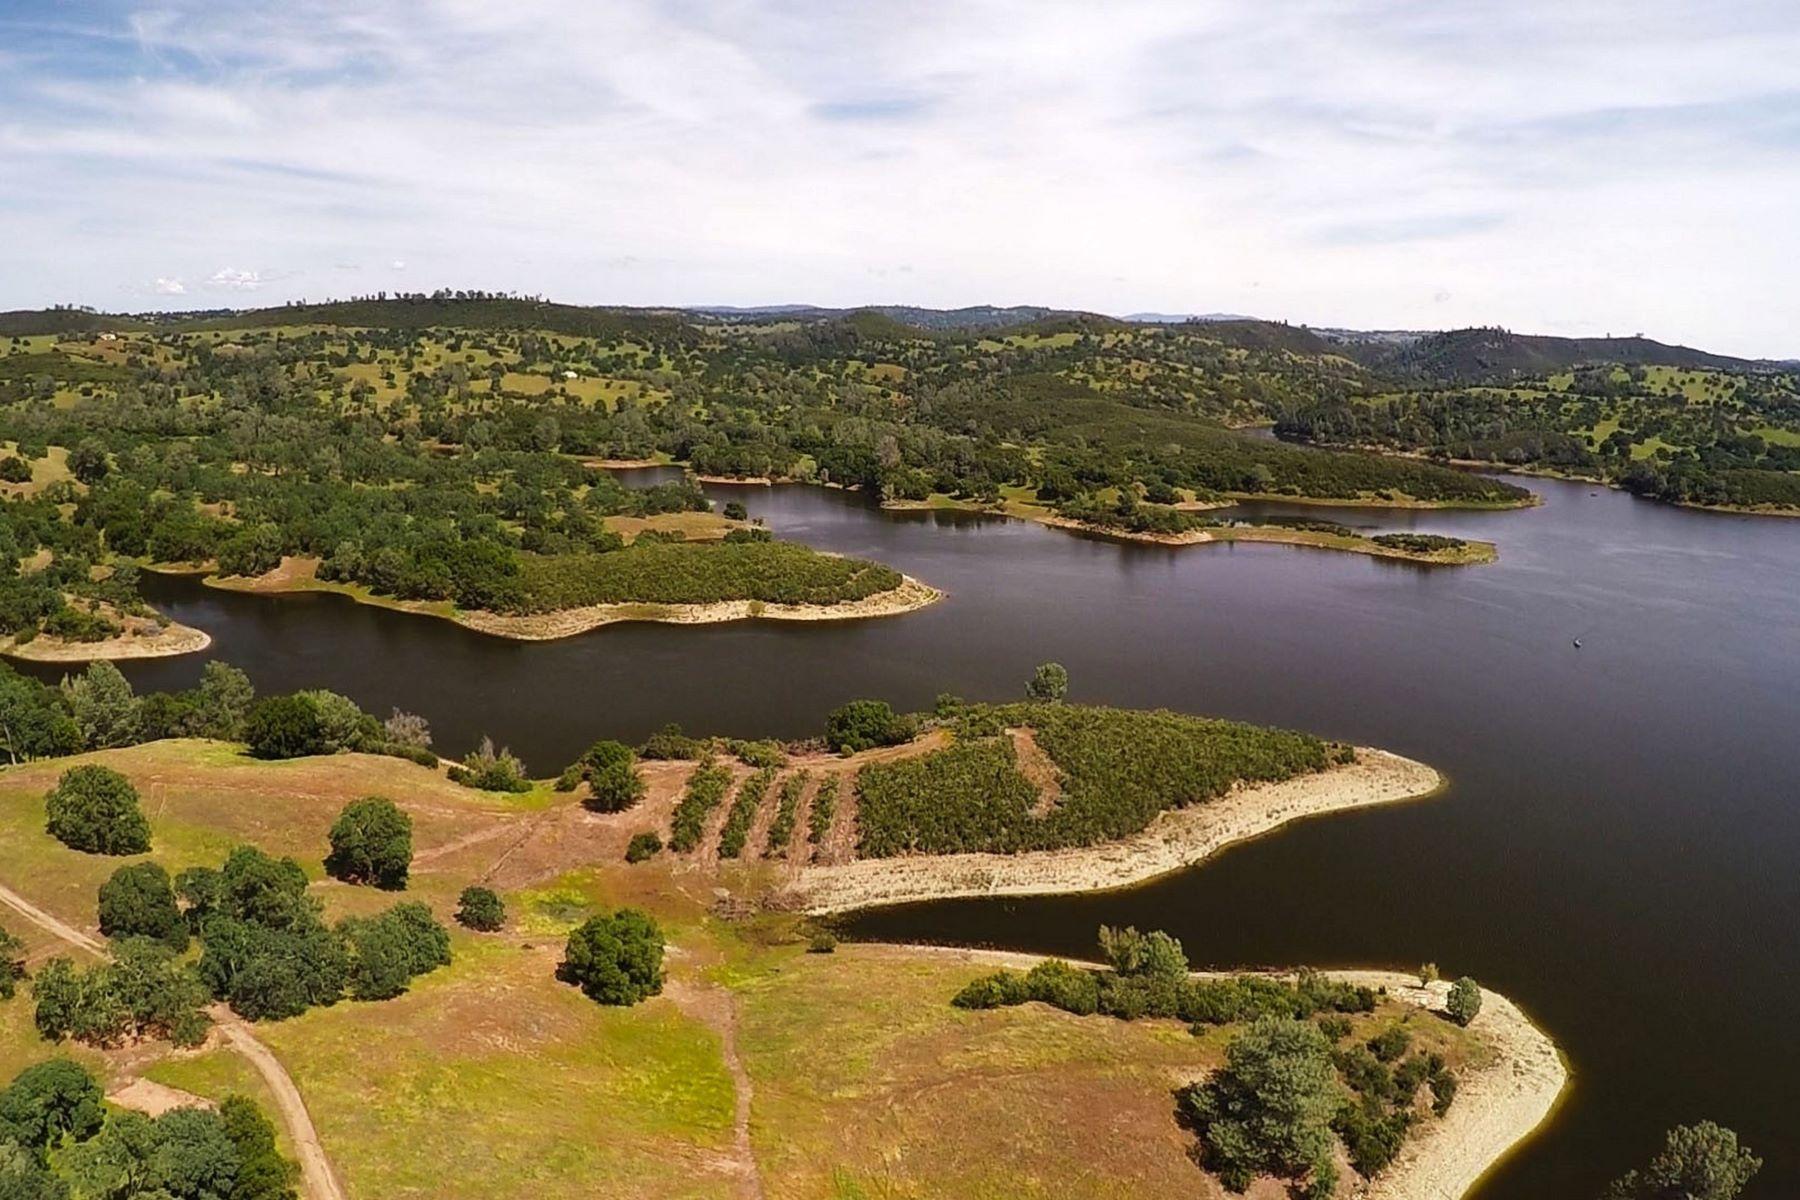 Terreno por un Venta en Land with Lake Opportunity on 40 Acres 6550 Jackson Valley Road Ione, California 95640 Estados Unidos